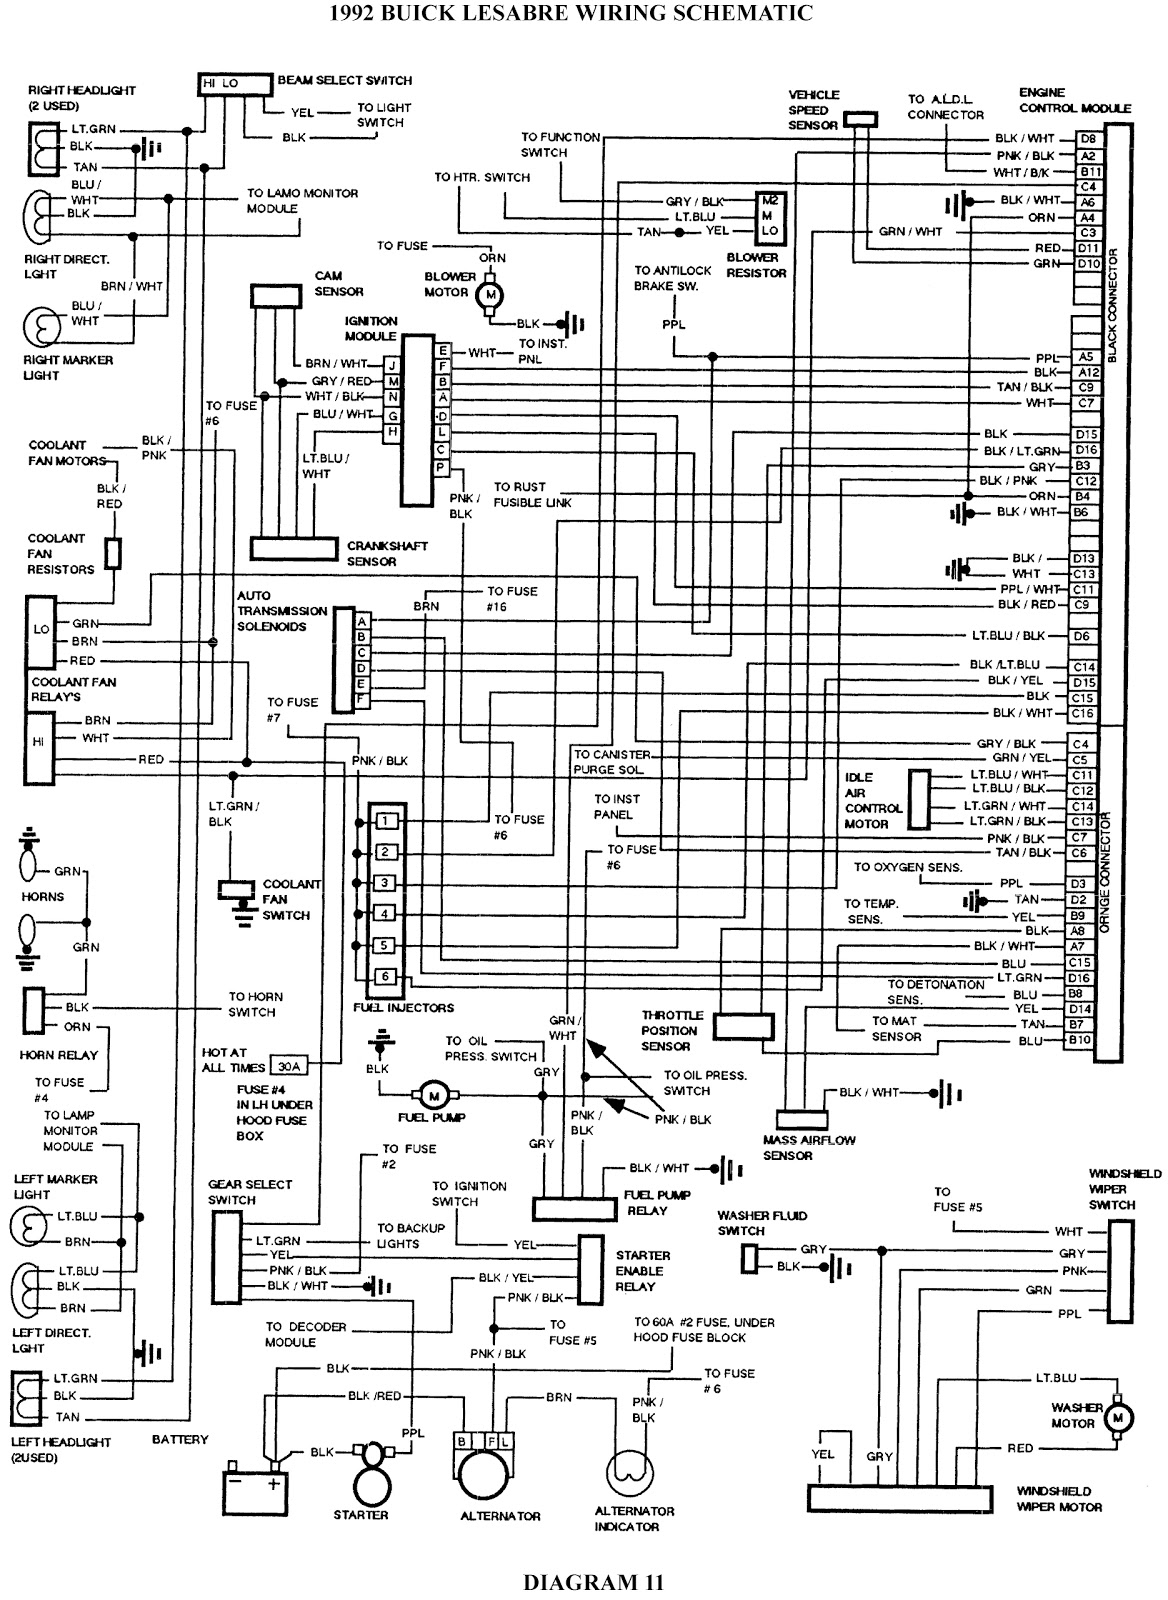 1992 Buick LeSabre Wiring Schematic | Schematic Wiring ...